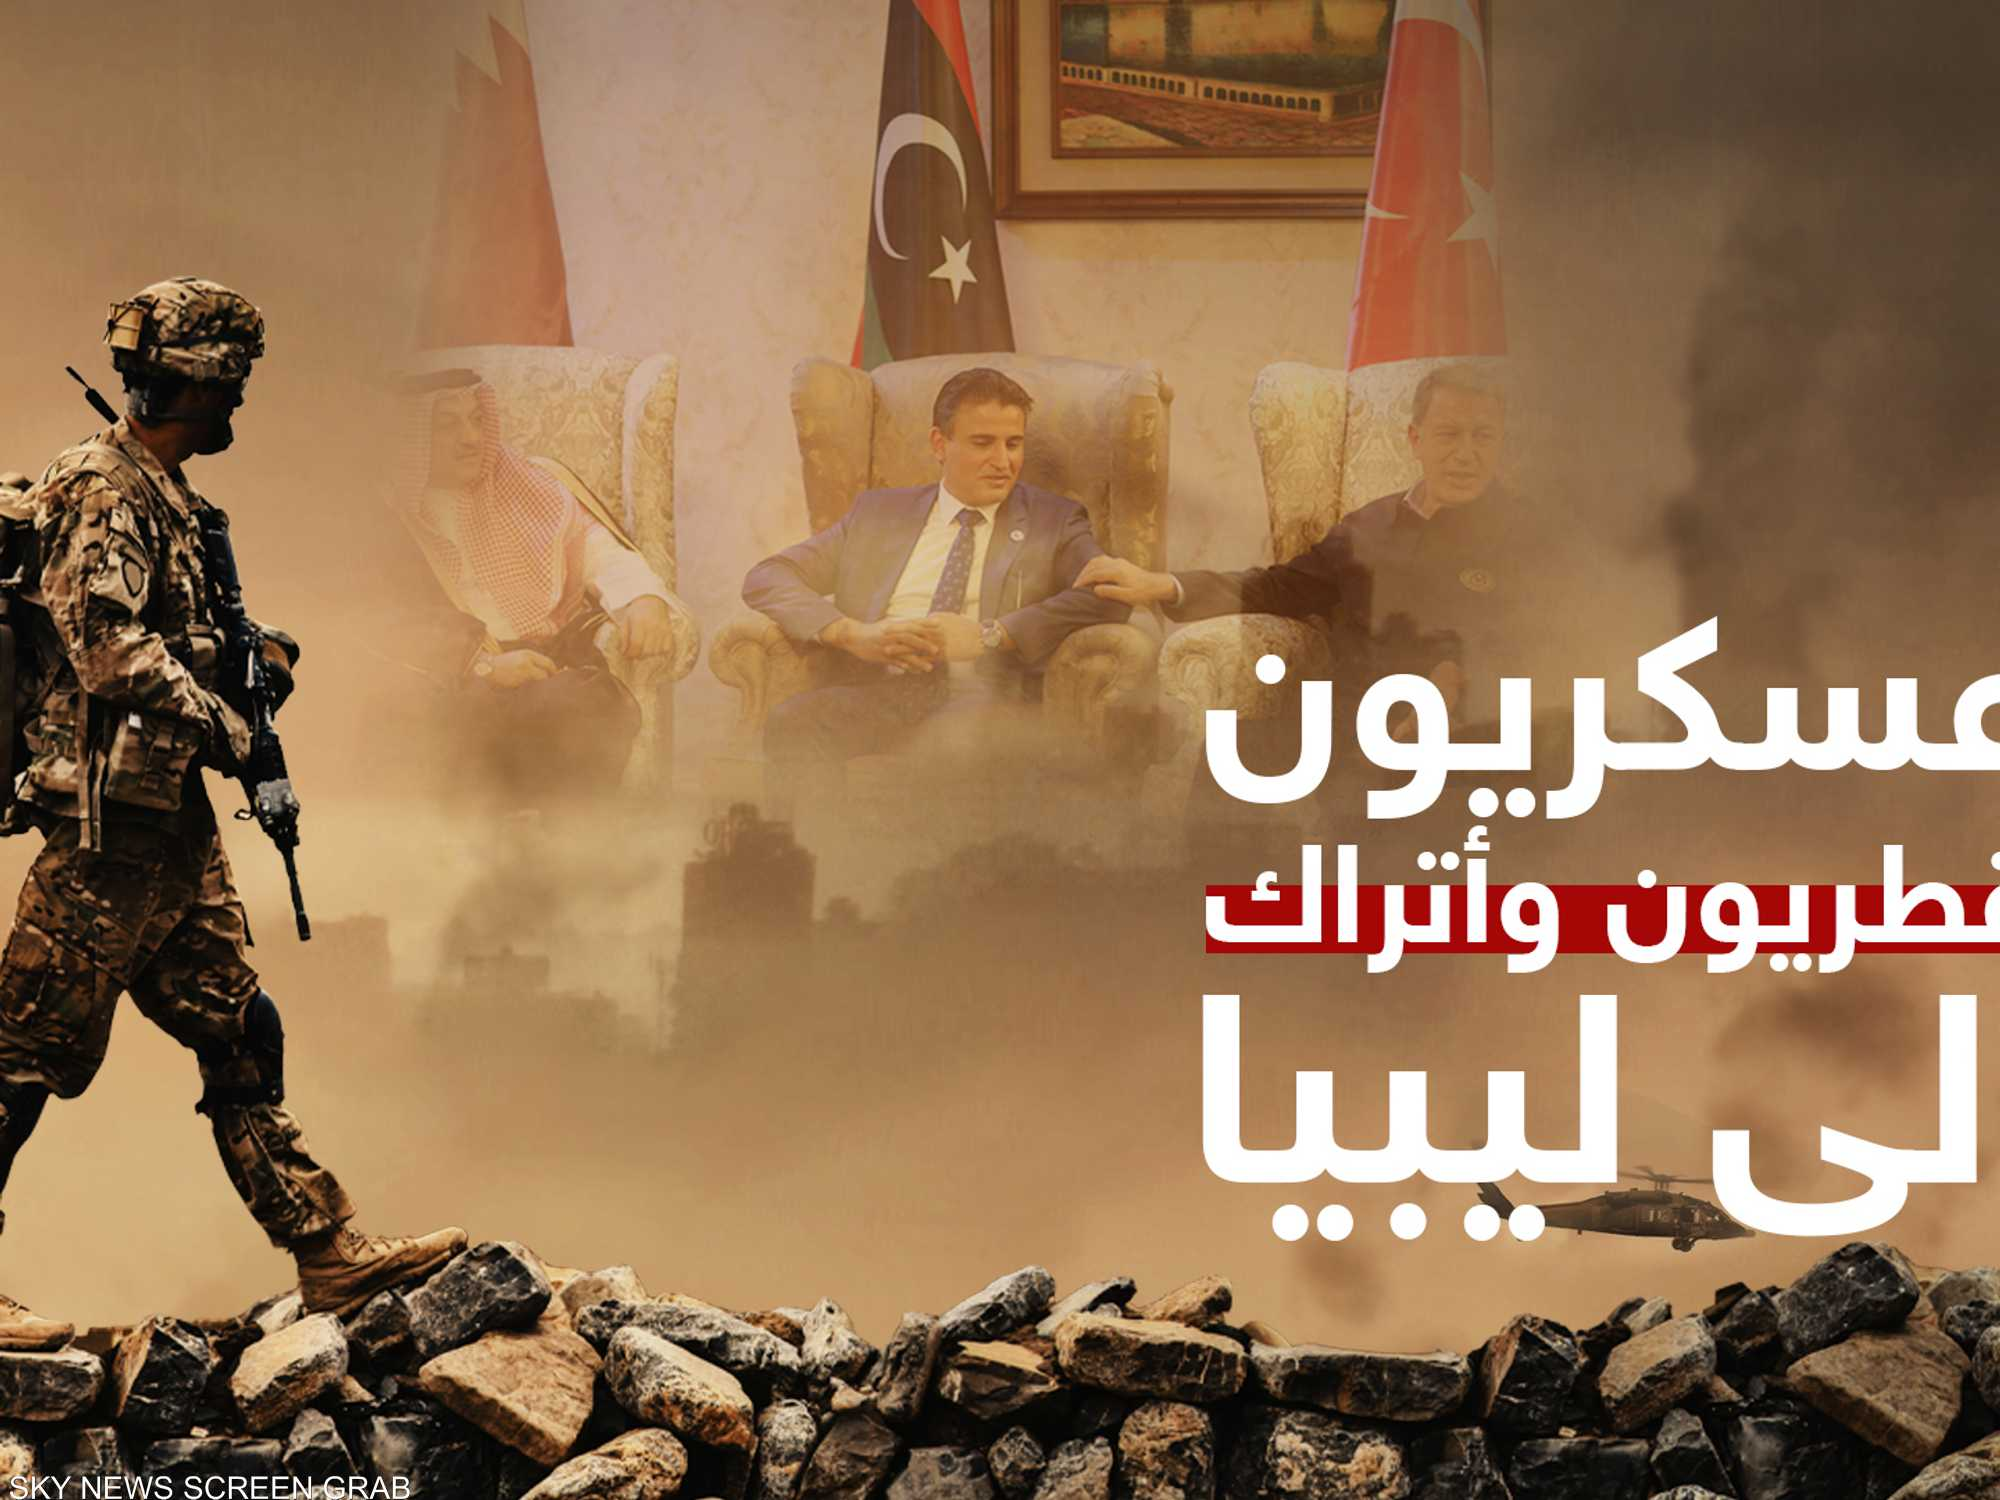 عسكريون قطريون وأتراك إلى ليبيا